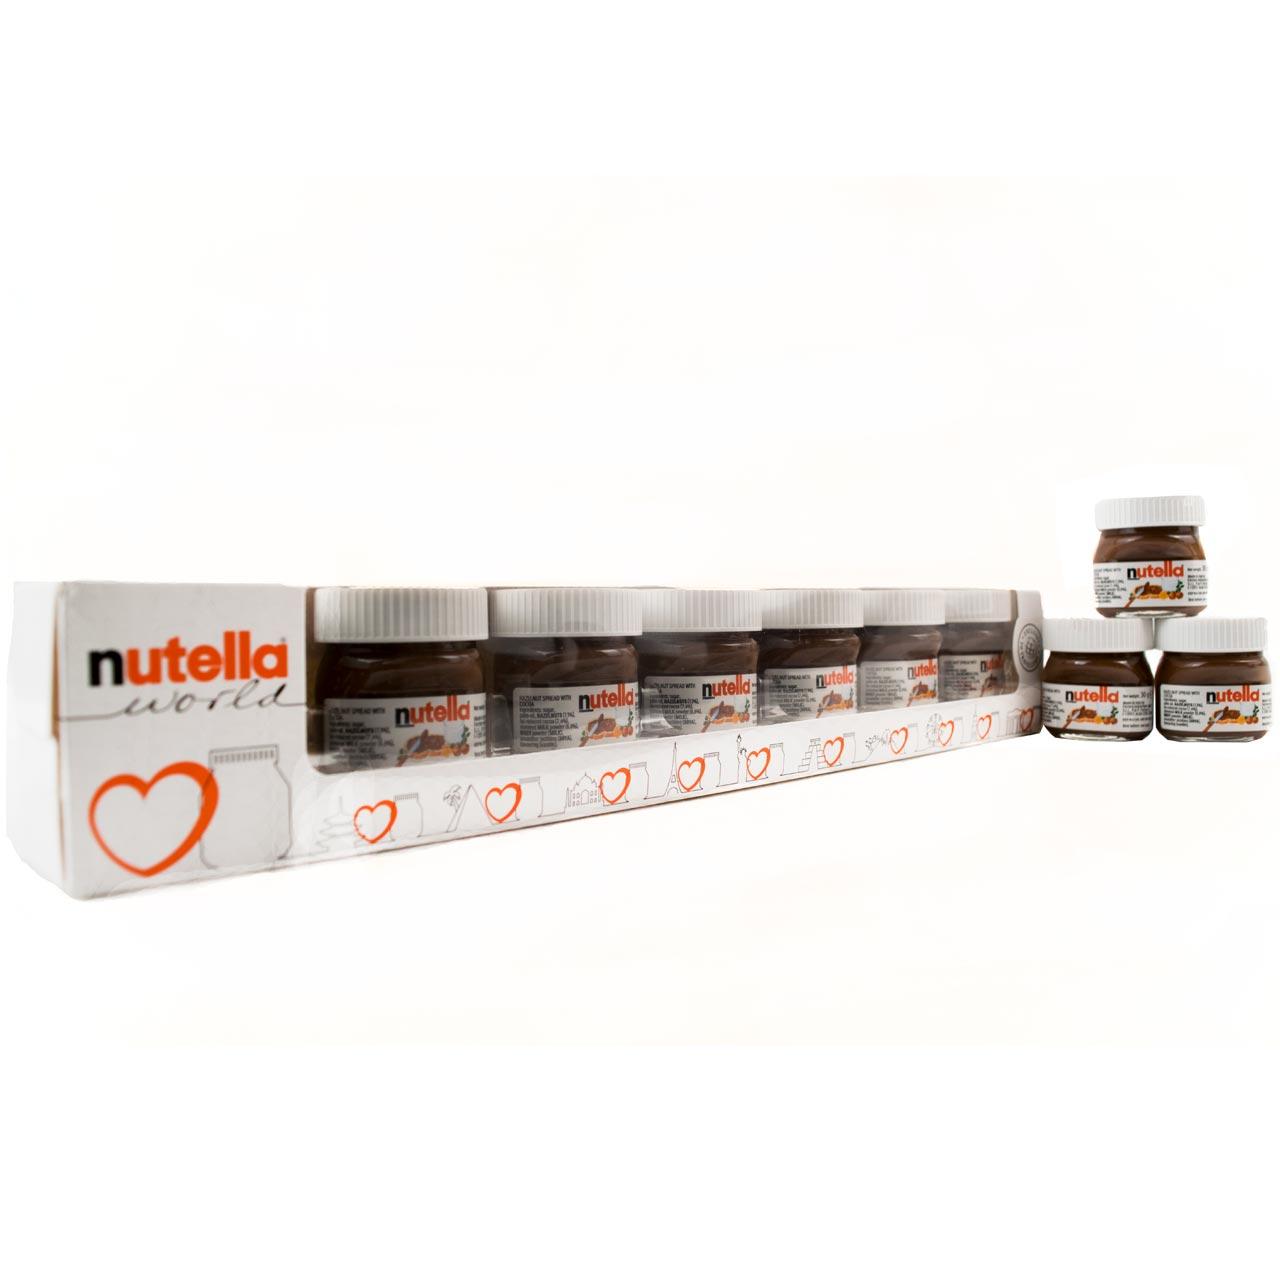 شکلات صبحانه نوتلا ۴۵۰ آلمانی گرم – nutella